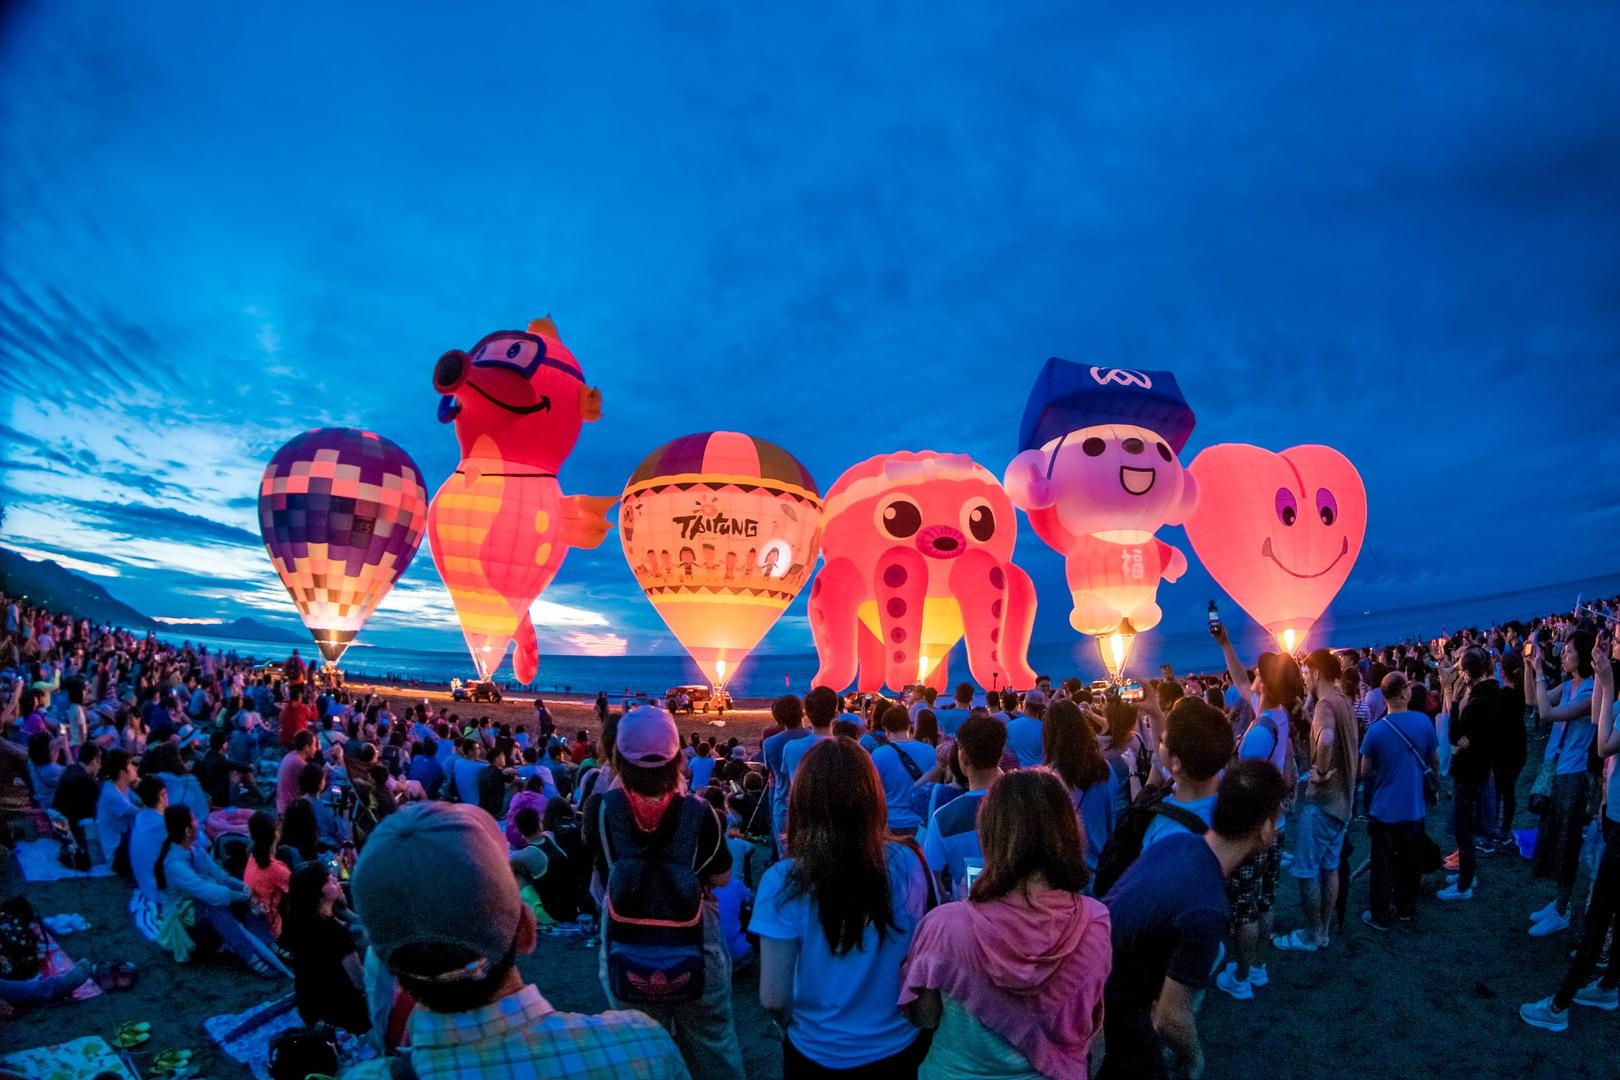 台東熱氣球嘉年華超吸睛!城市國際化獲知名訂房網站肯定